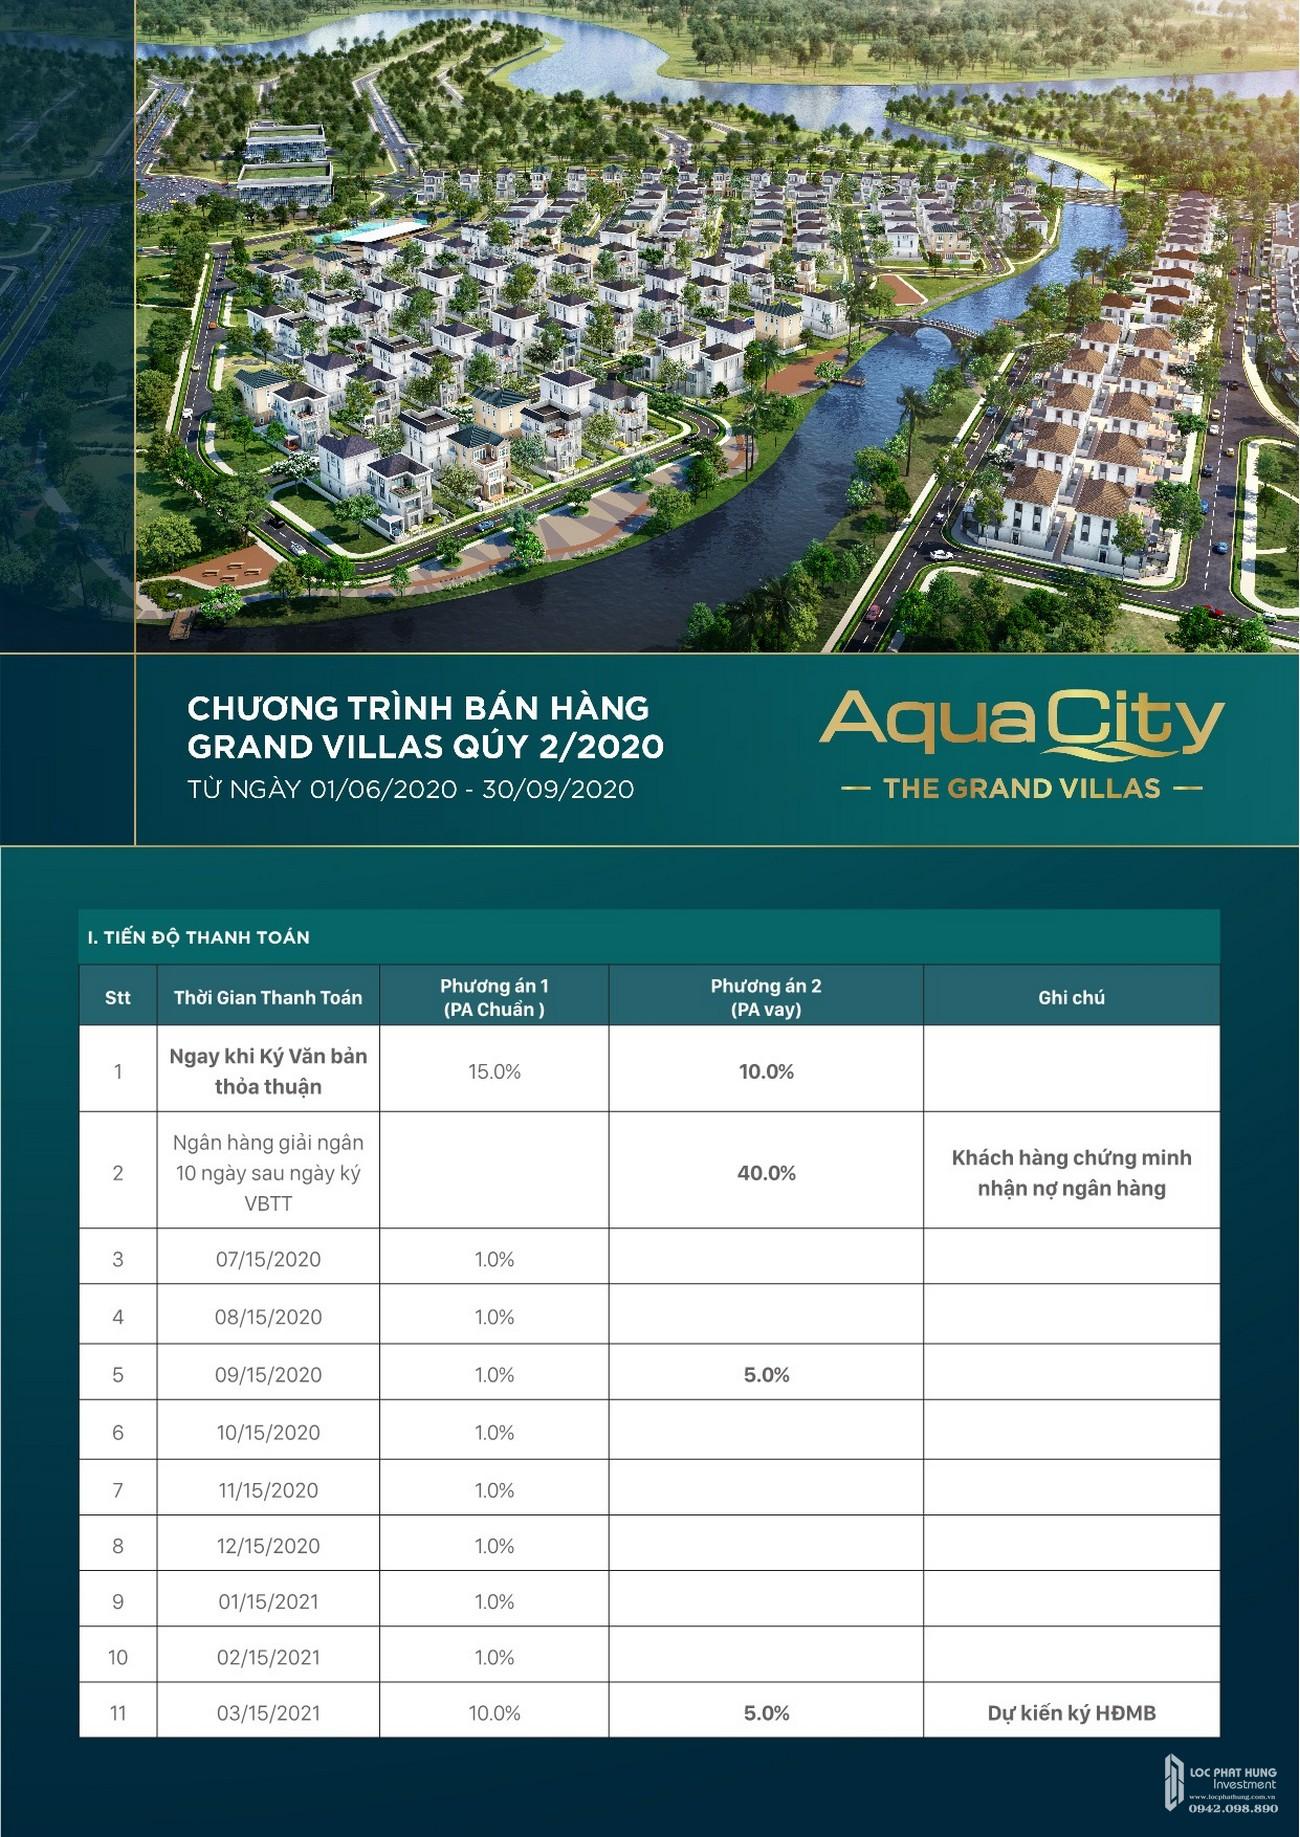 Chương trình bán hàng dự án nhà phố Aqua City The Grand Villas Biên Hòa  Đường Long Hưng chủ đầu tư Novaland